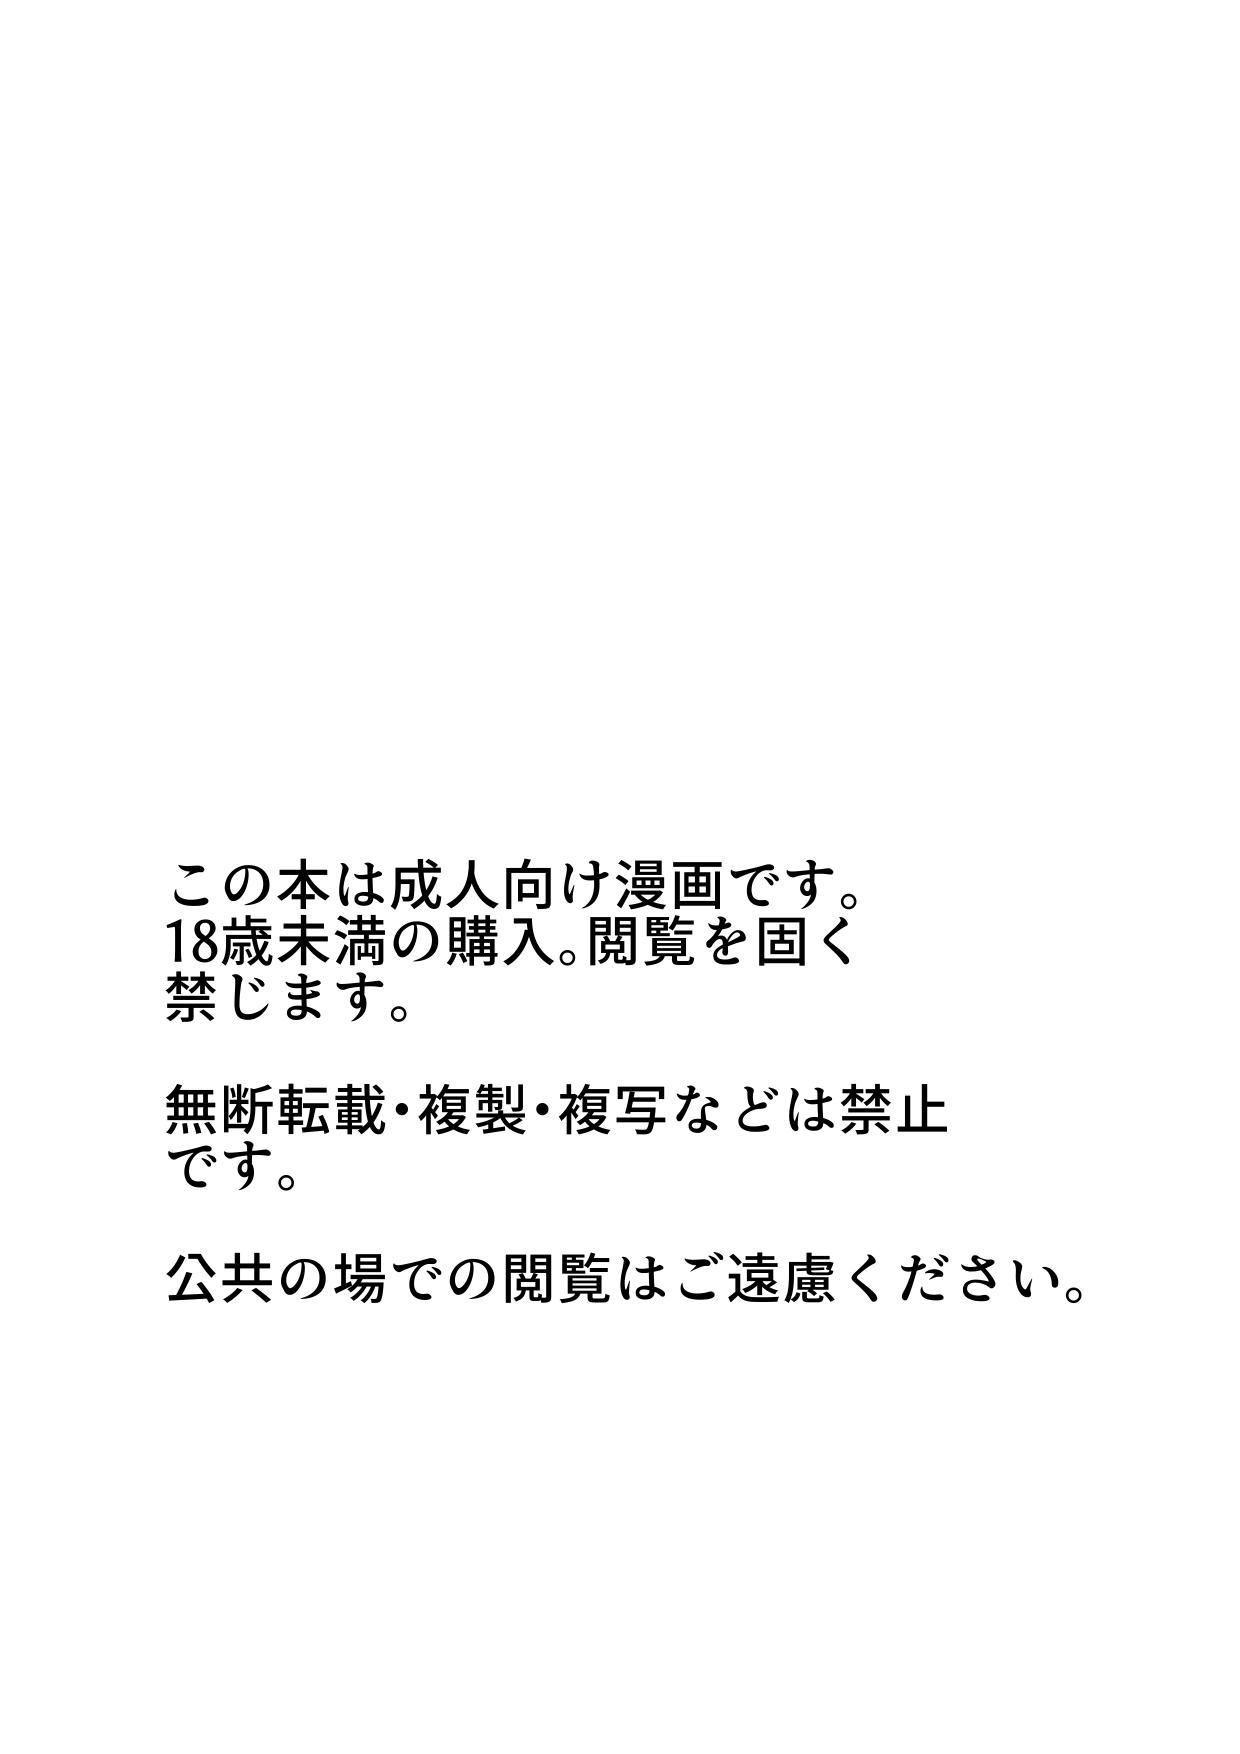 Kokkoro ni Kaihatsu sareru Hon 23